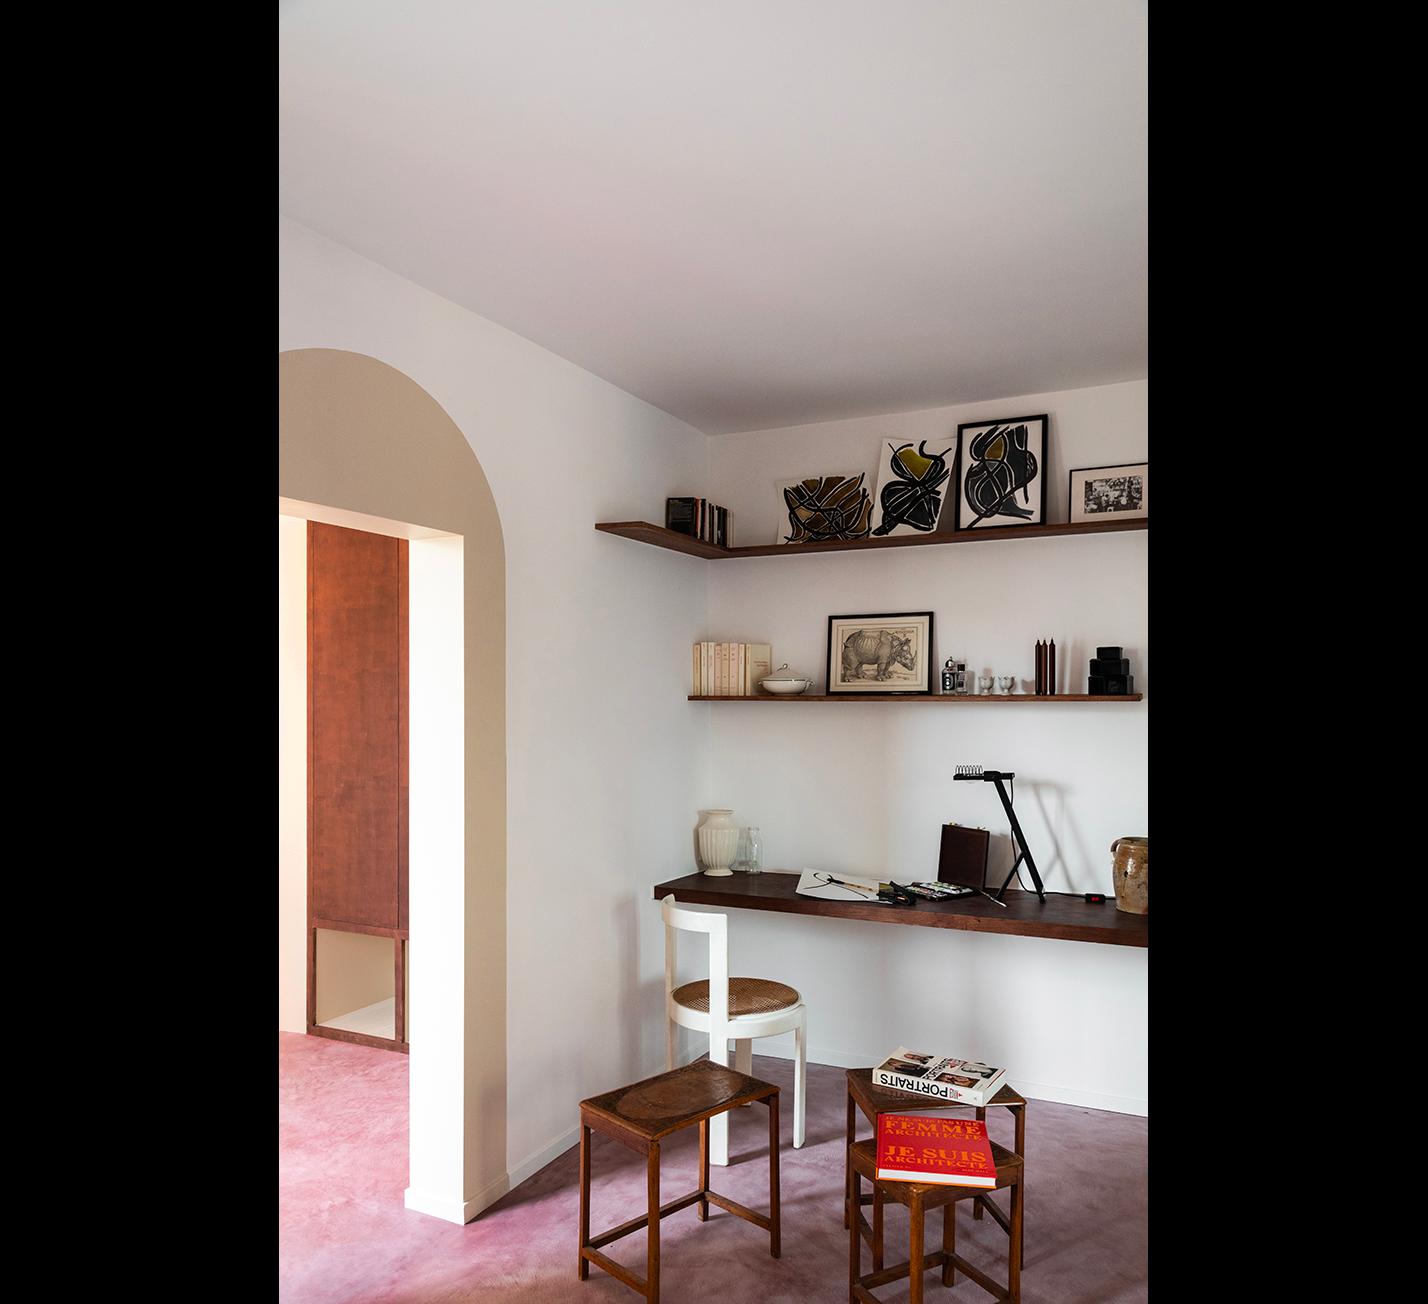 Appartement-Léon-paris-rénovation-architecture-paris-construction-atelier-steve-pauline-borgia-16